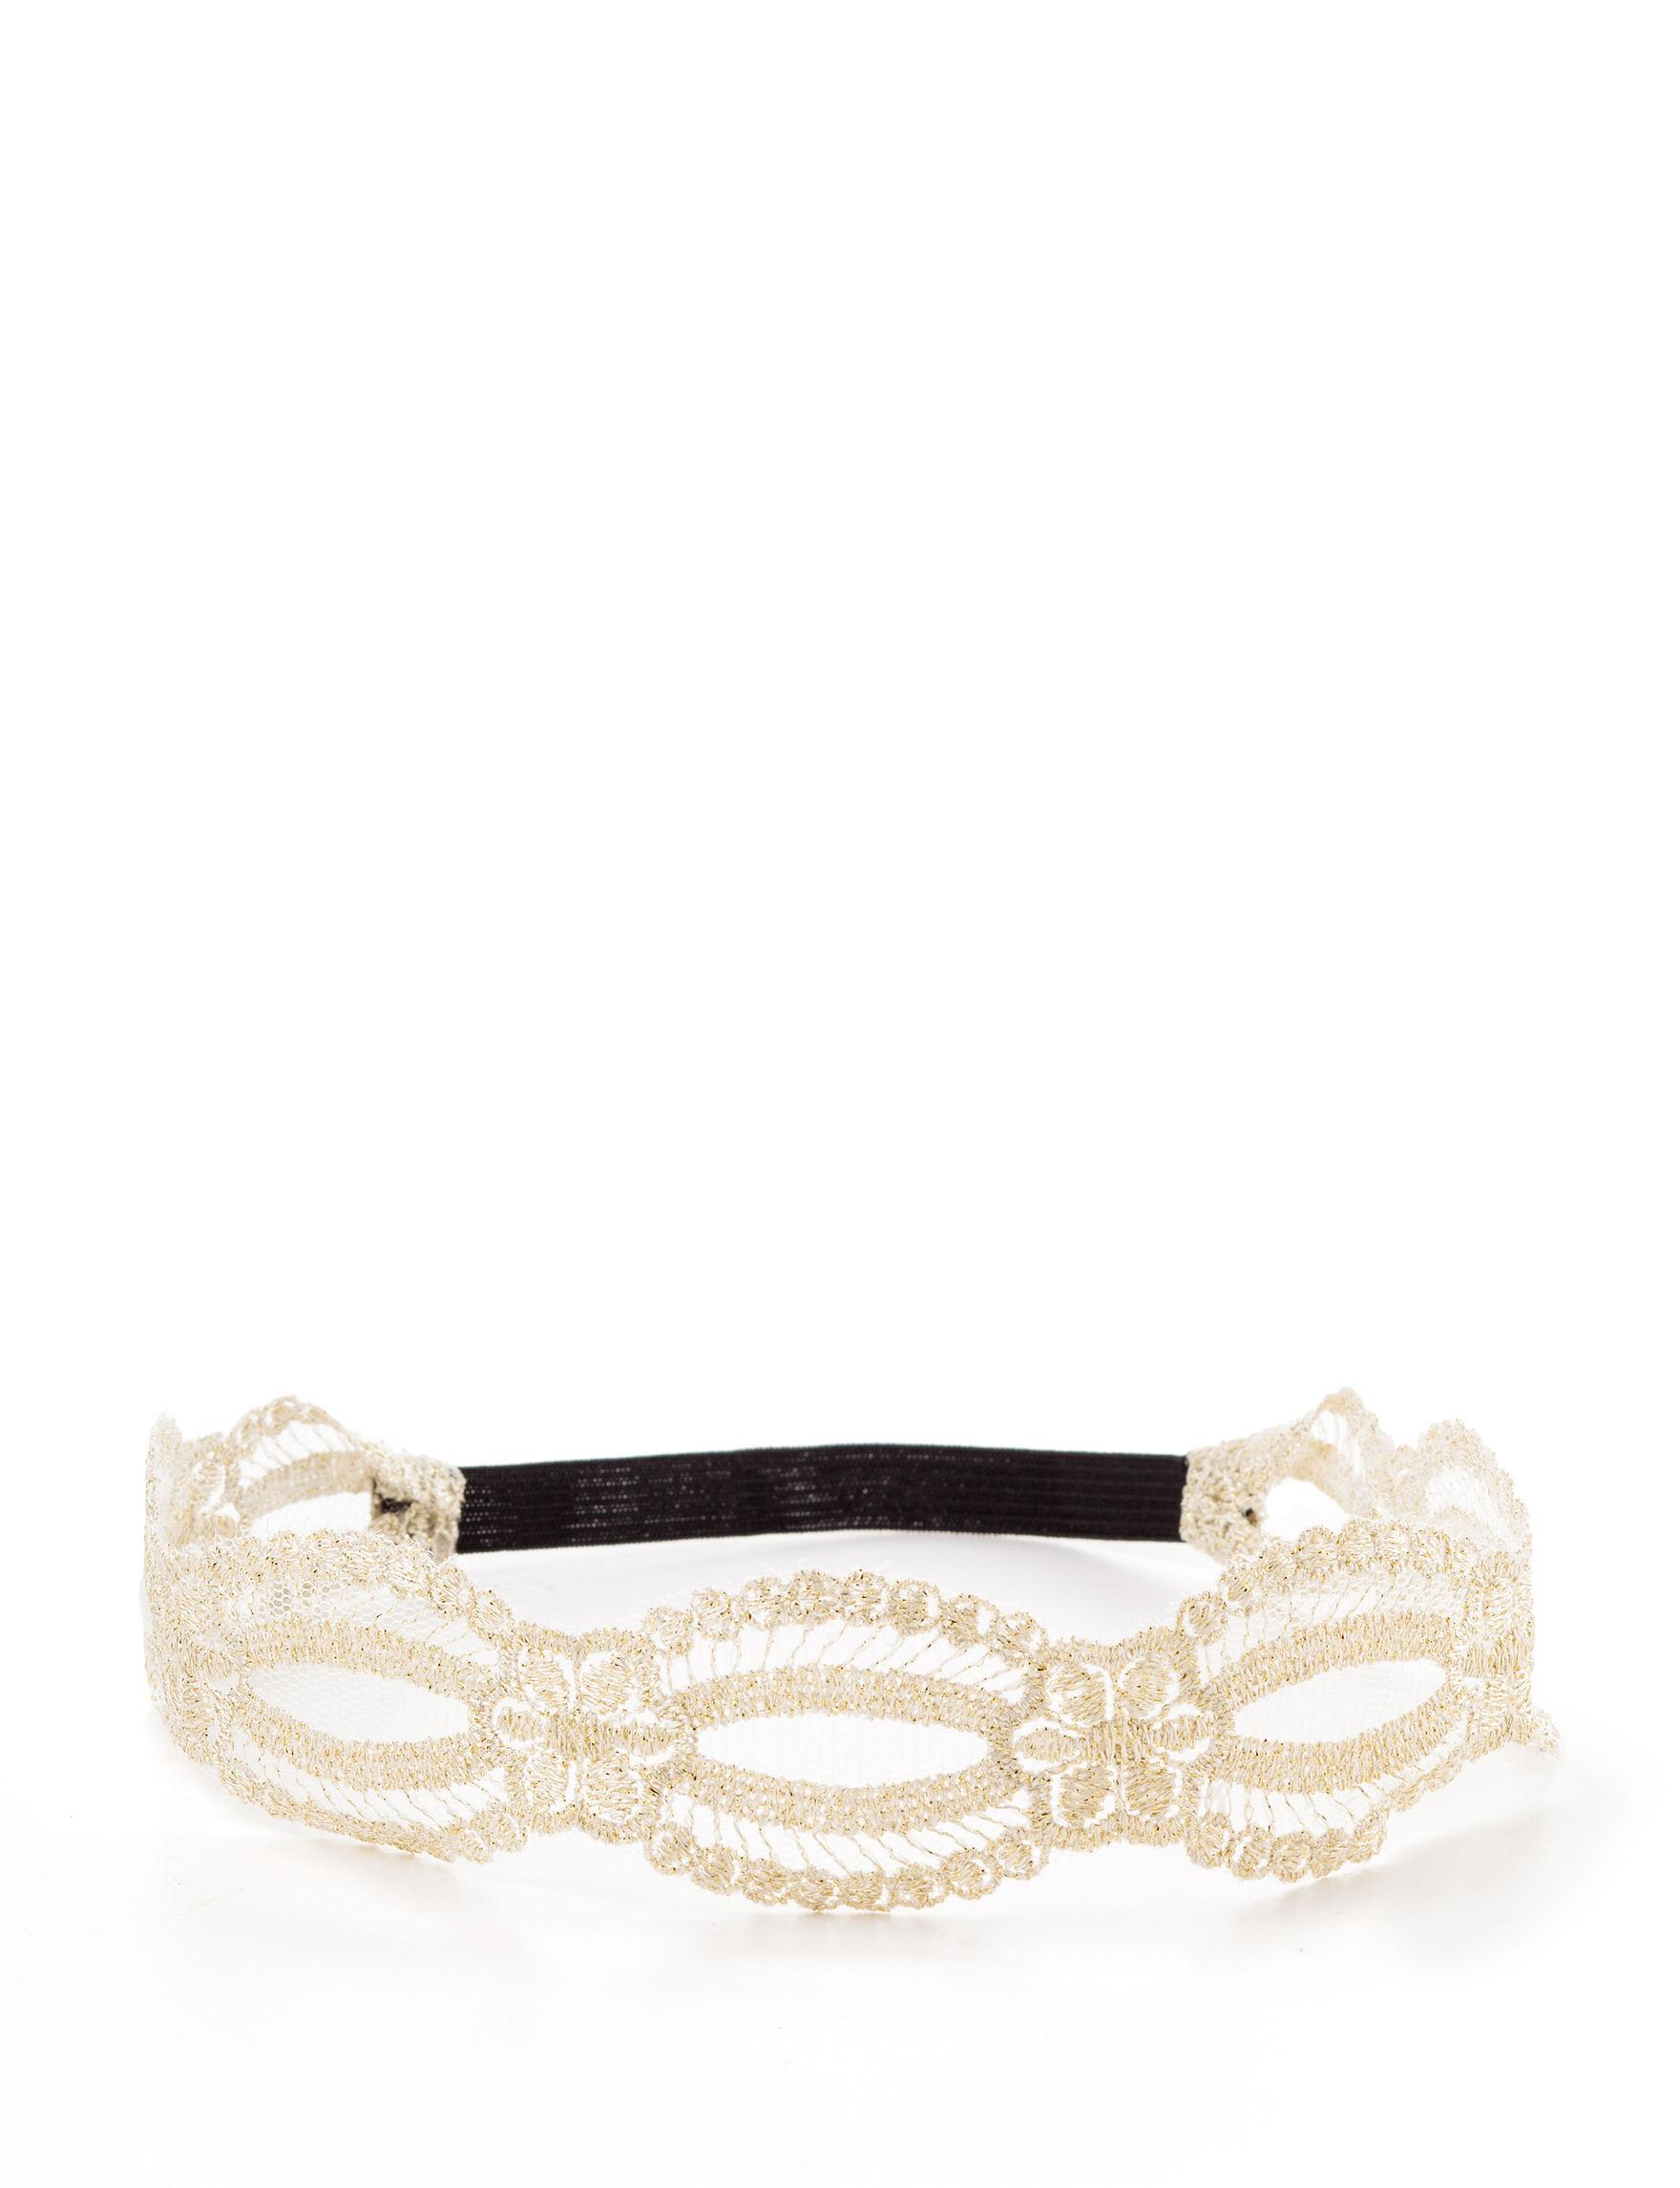 Wishful Park Ivory Fashion Jewelry